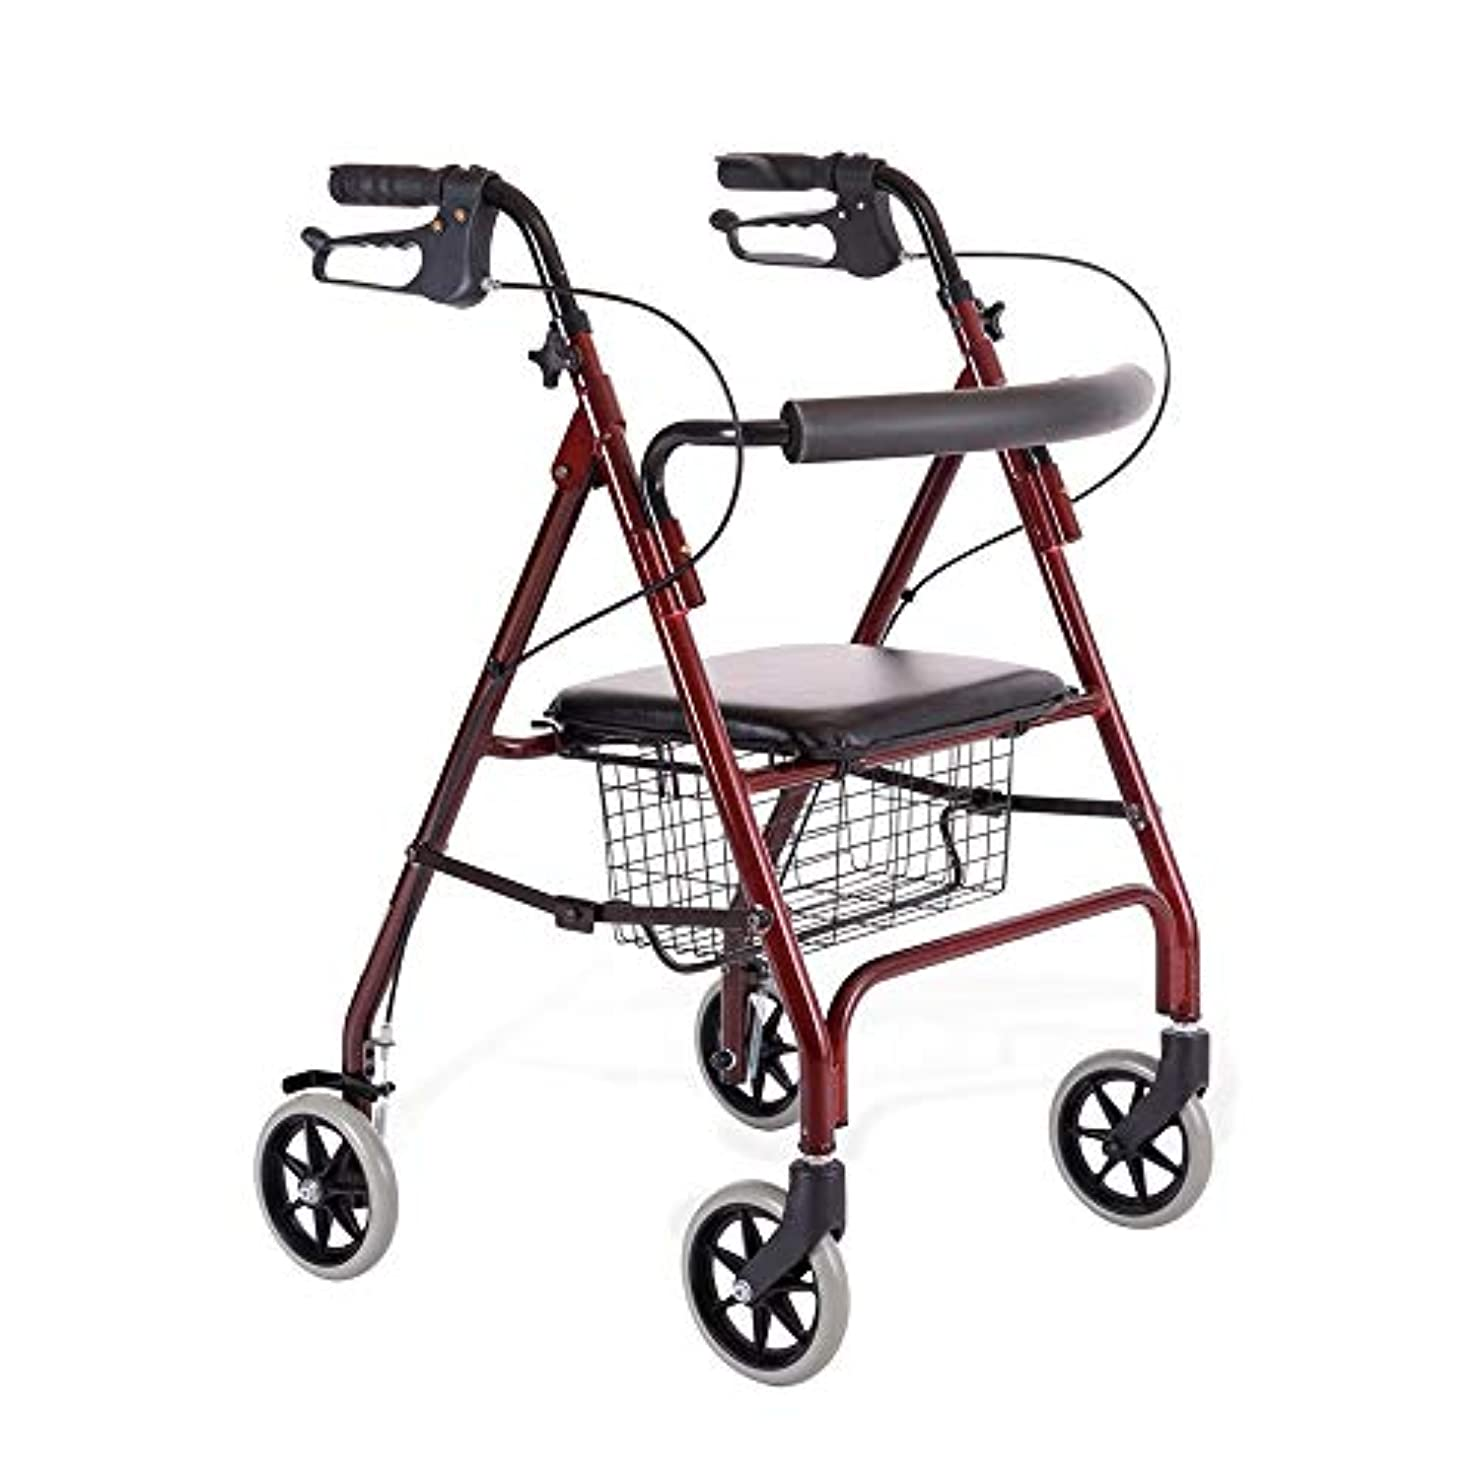 ゲストミリメートル設計シートと買い物かご付き軽量折りたたみ式歩行歩行器、高さ調節可能、4車輪可動補助具